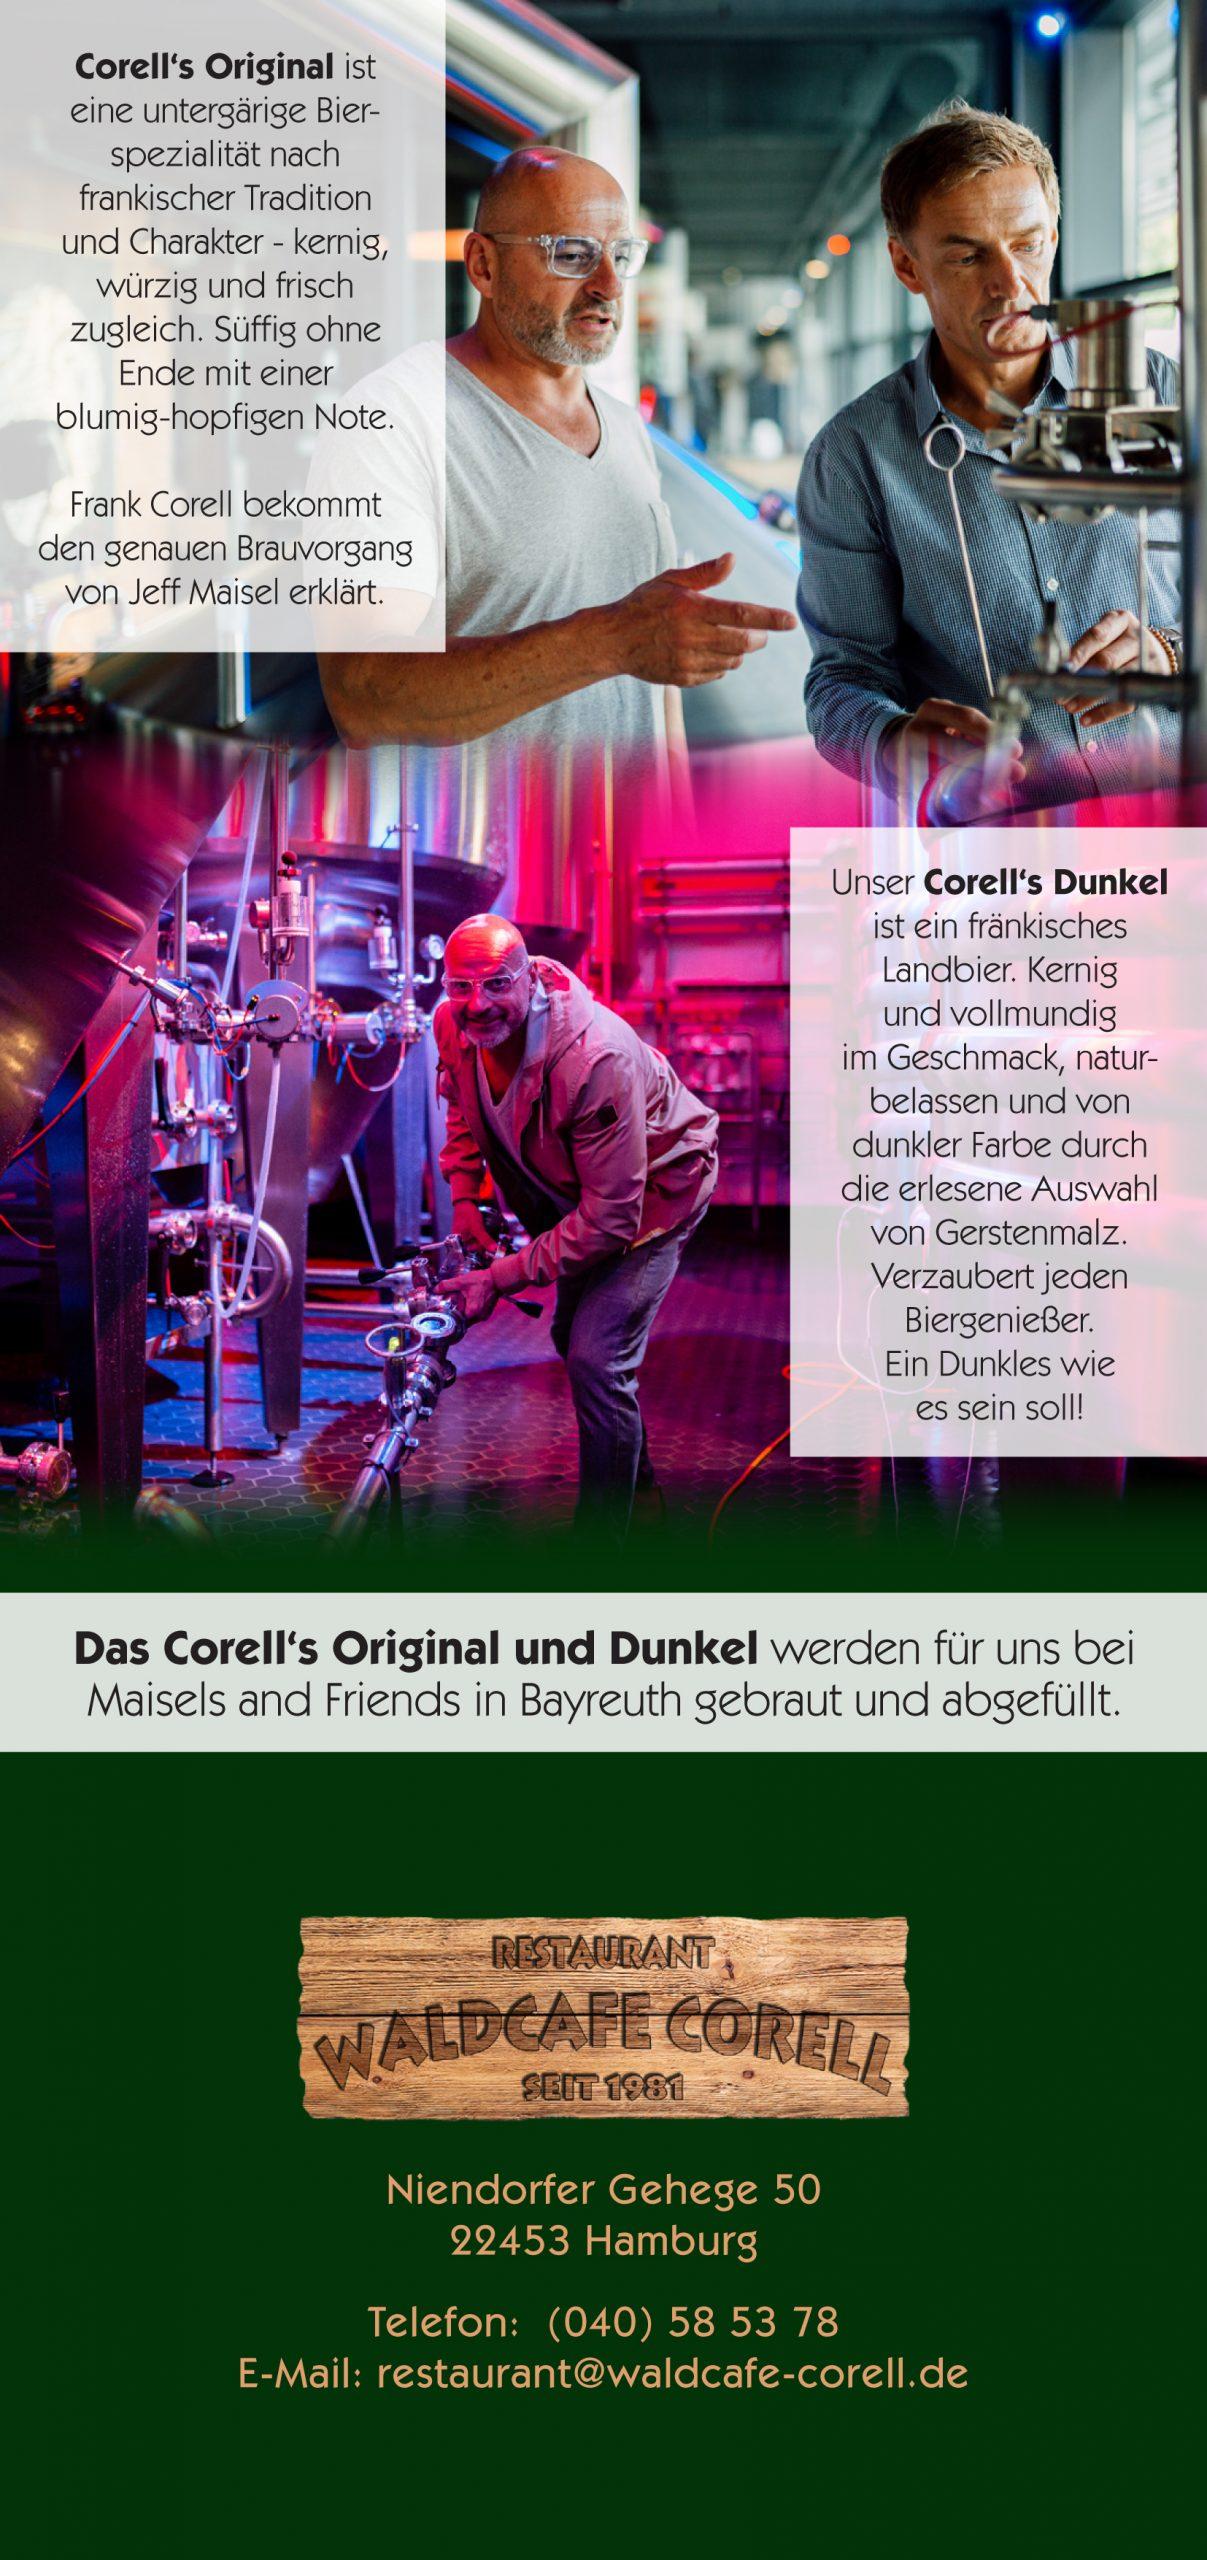 Bier, Corell's Original und Dunkel